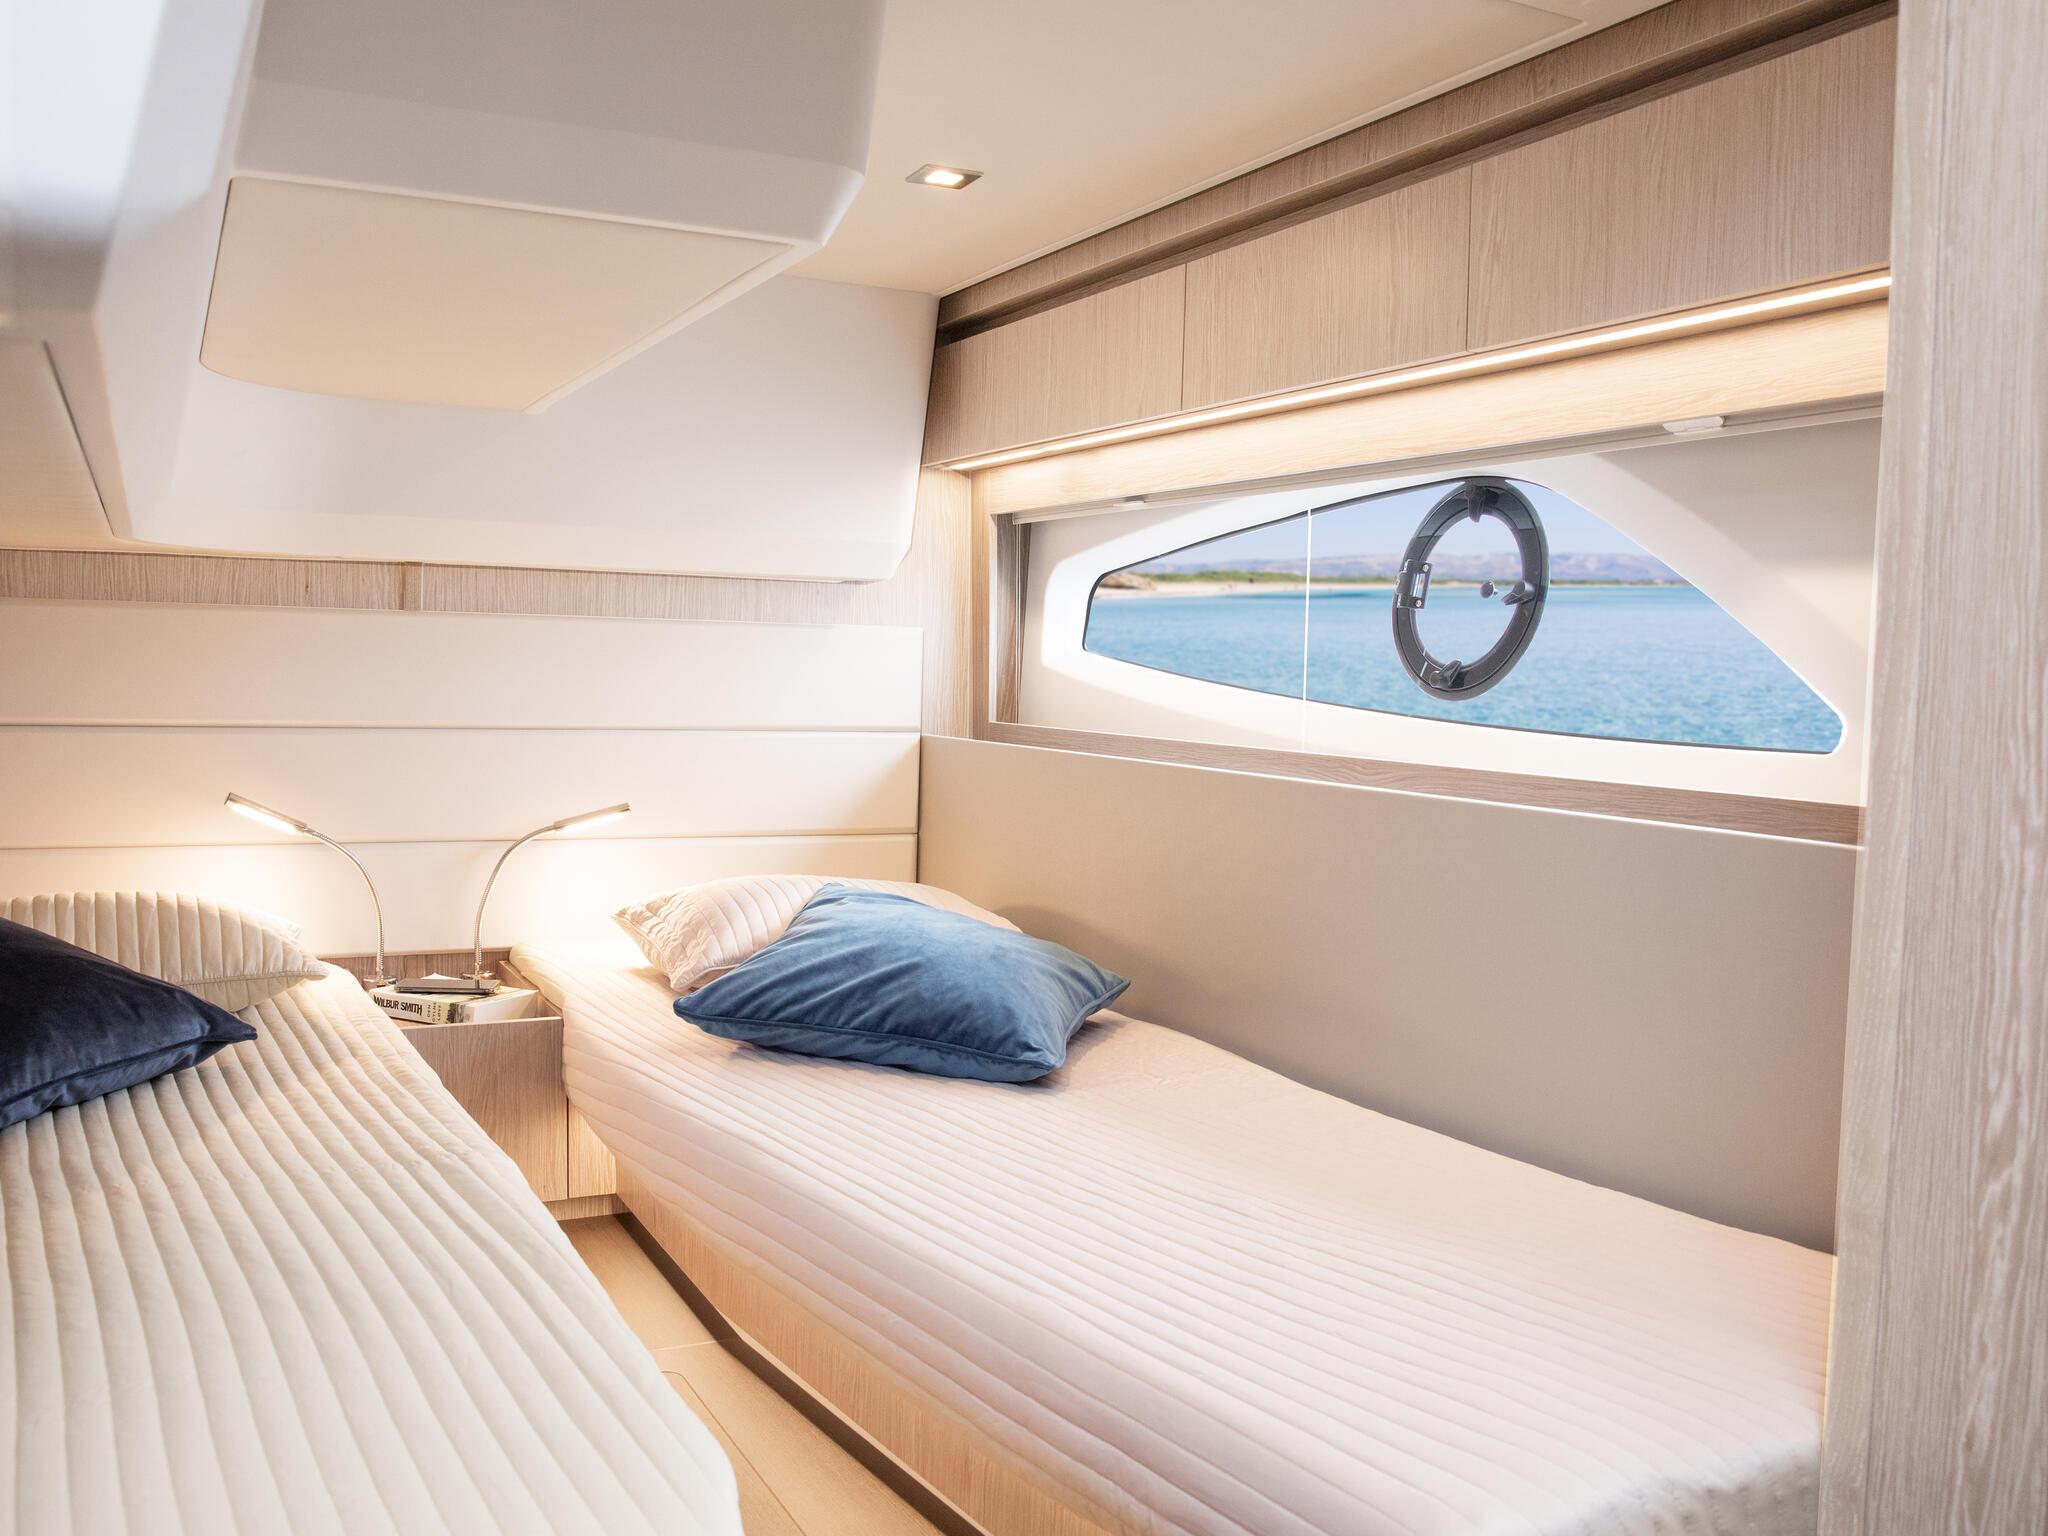 Sealine_C390_Interior_View_23_guest_cabin_0003